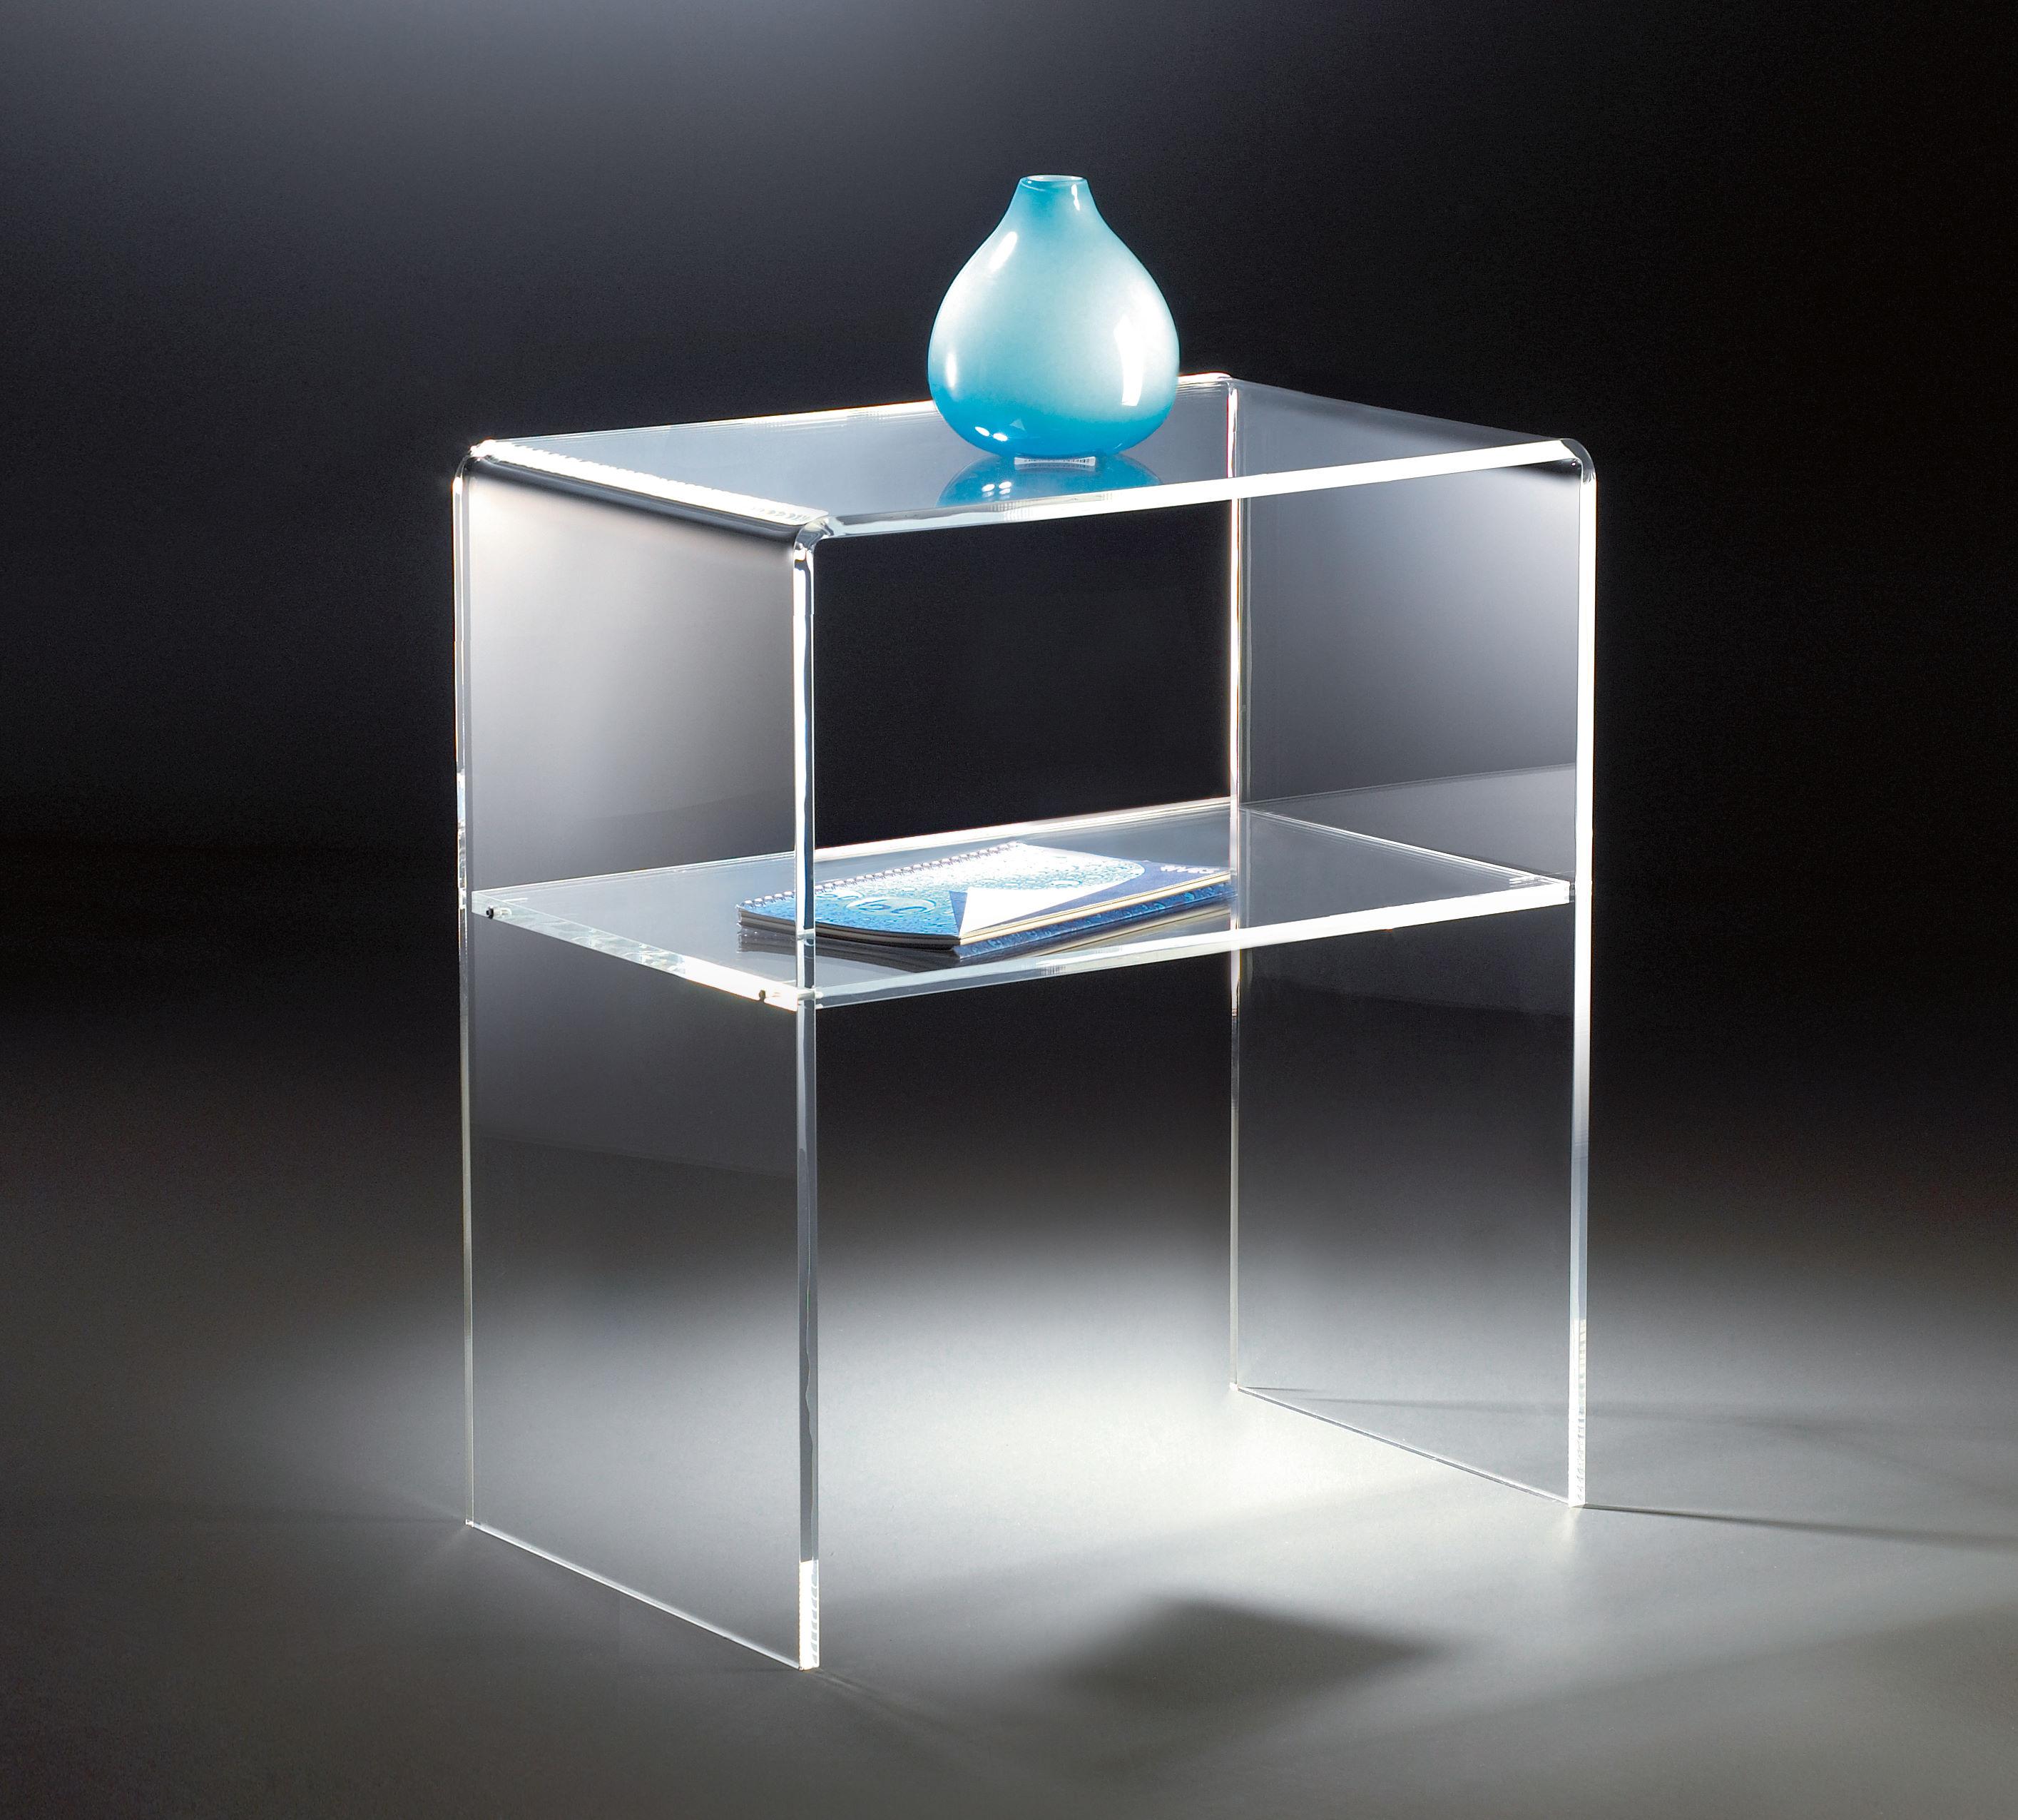 Hochwertiger acryl glas beistelltisch endtisch klar 50 for Beistelltisch acryl